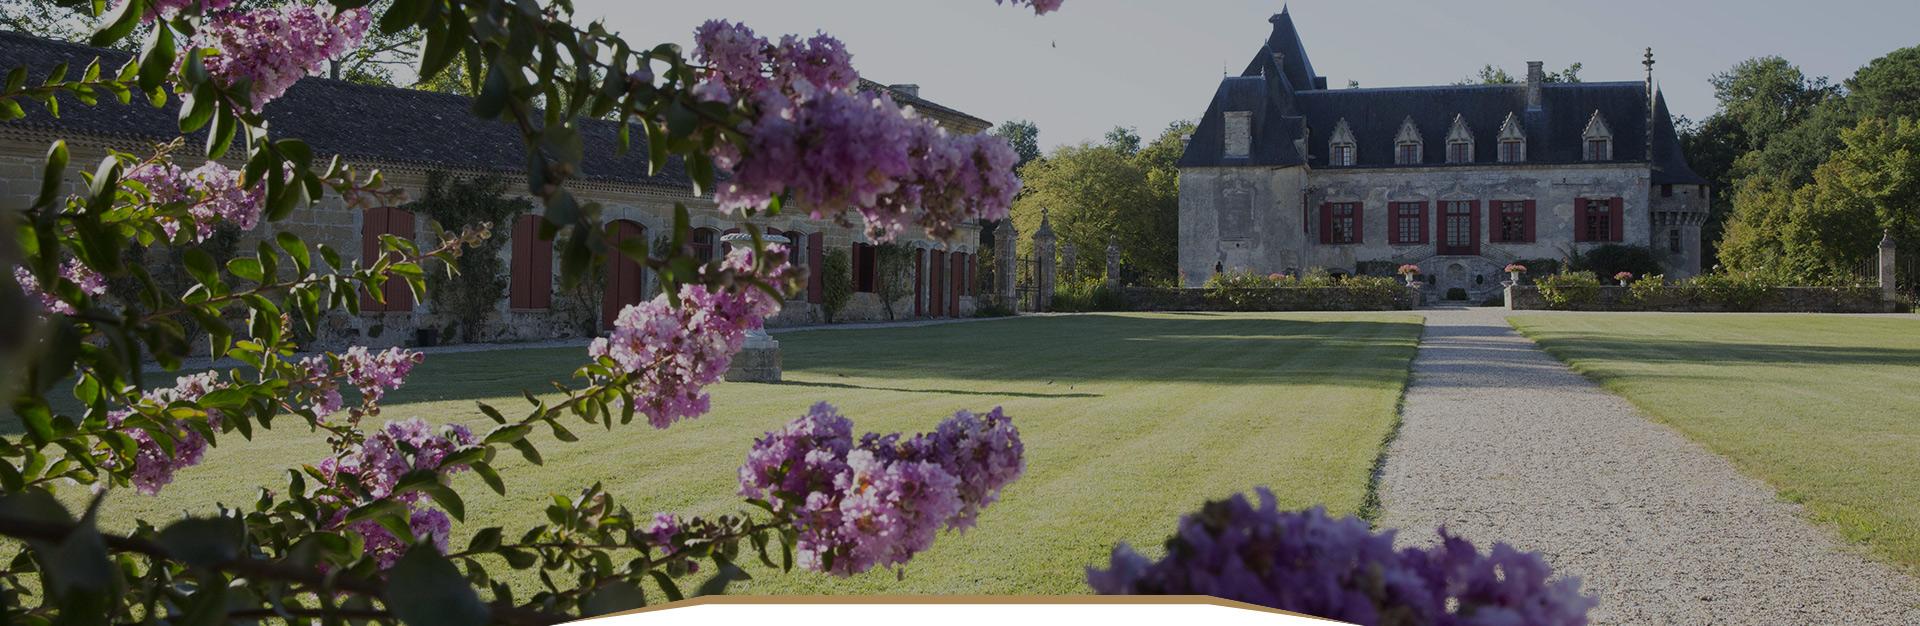 Château Olivier - Syndicat des vins de Pessac Leognan